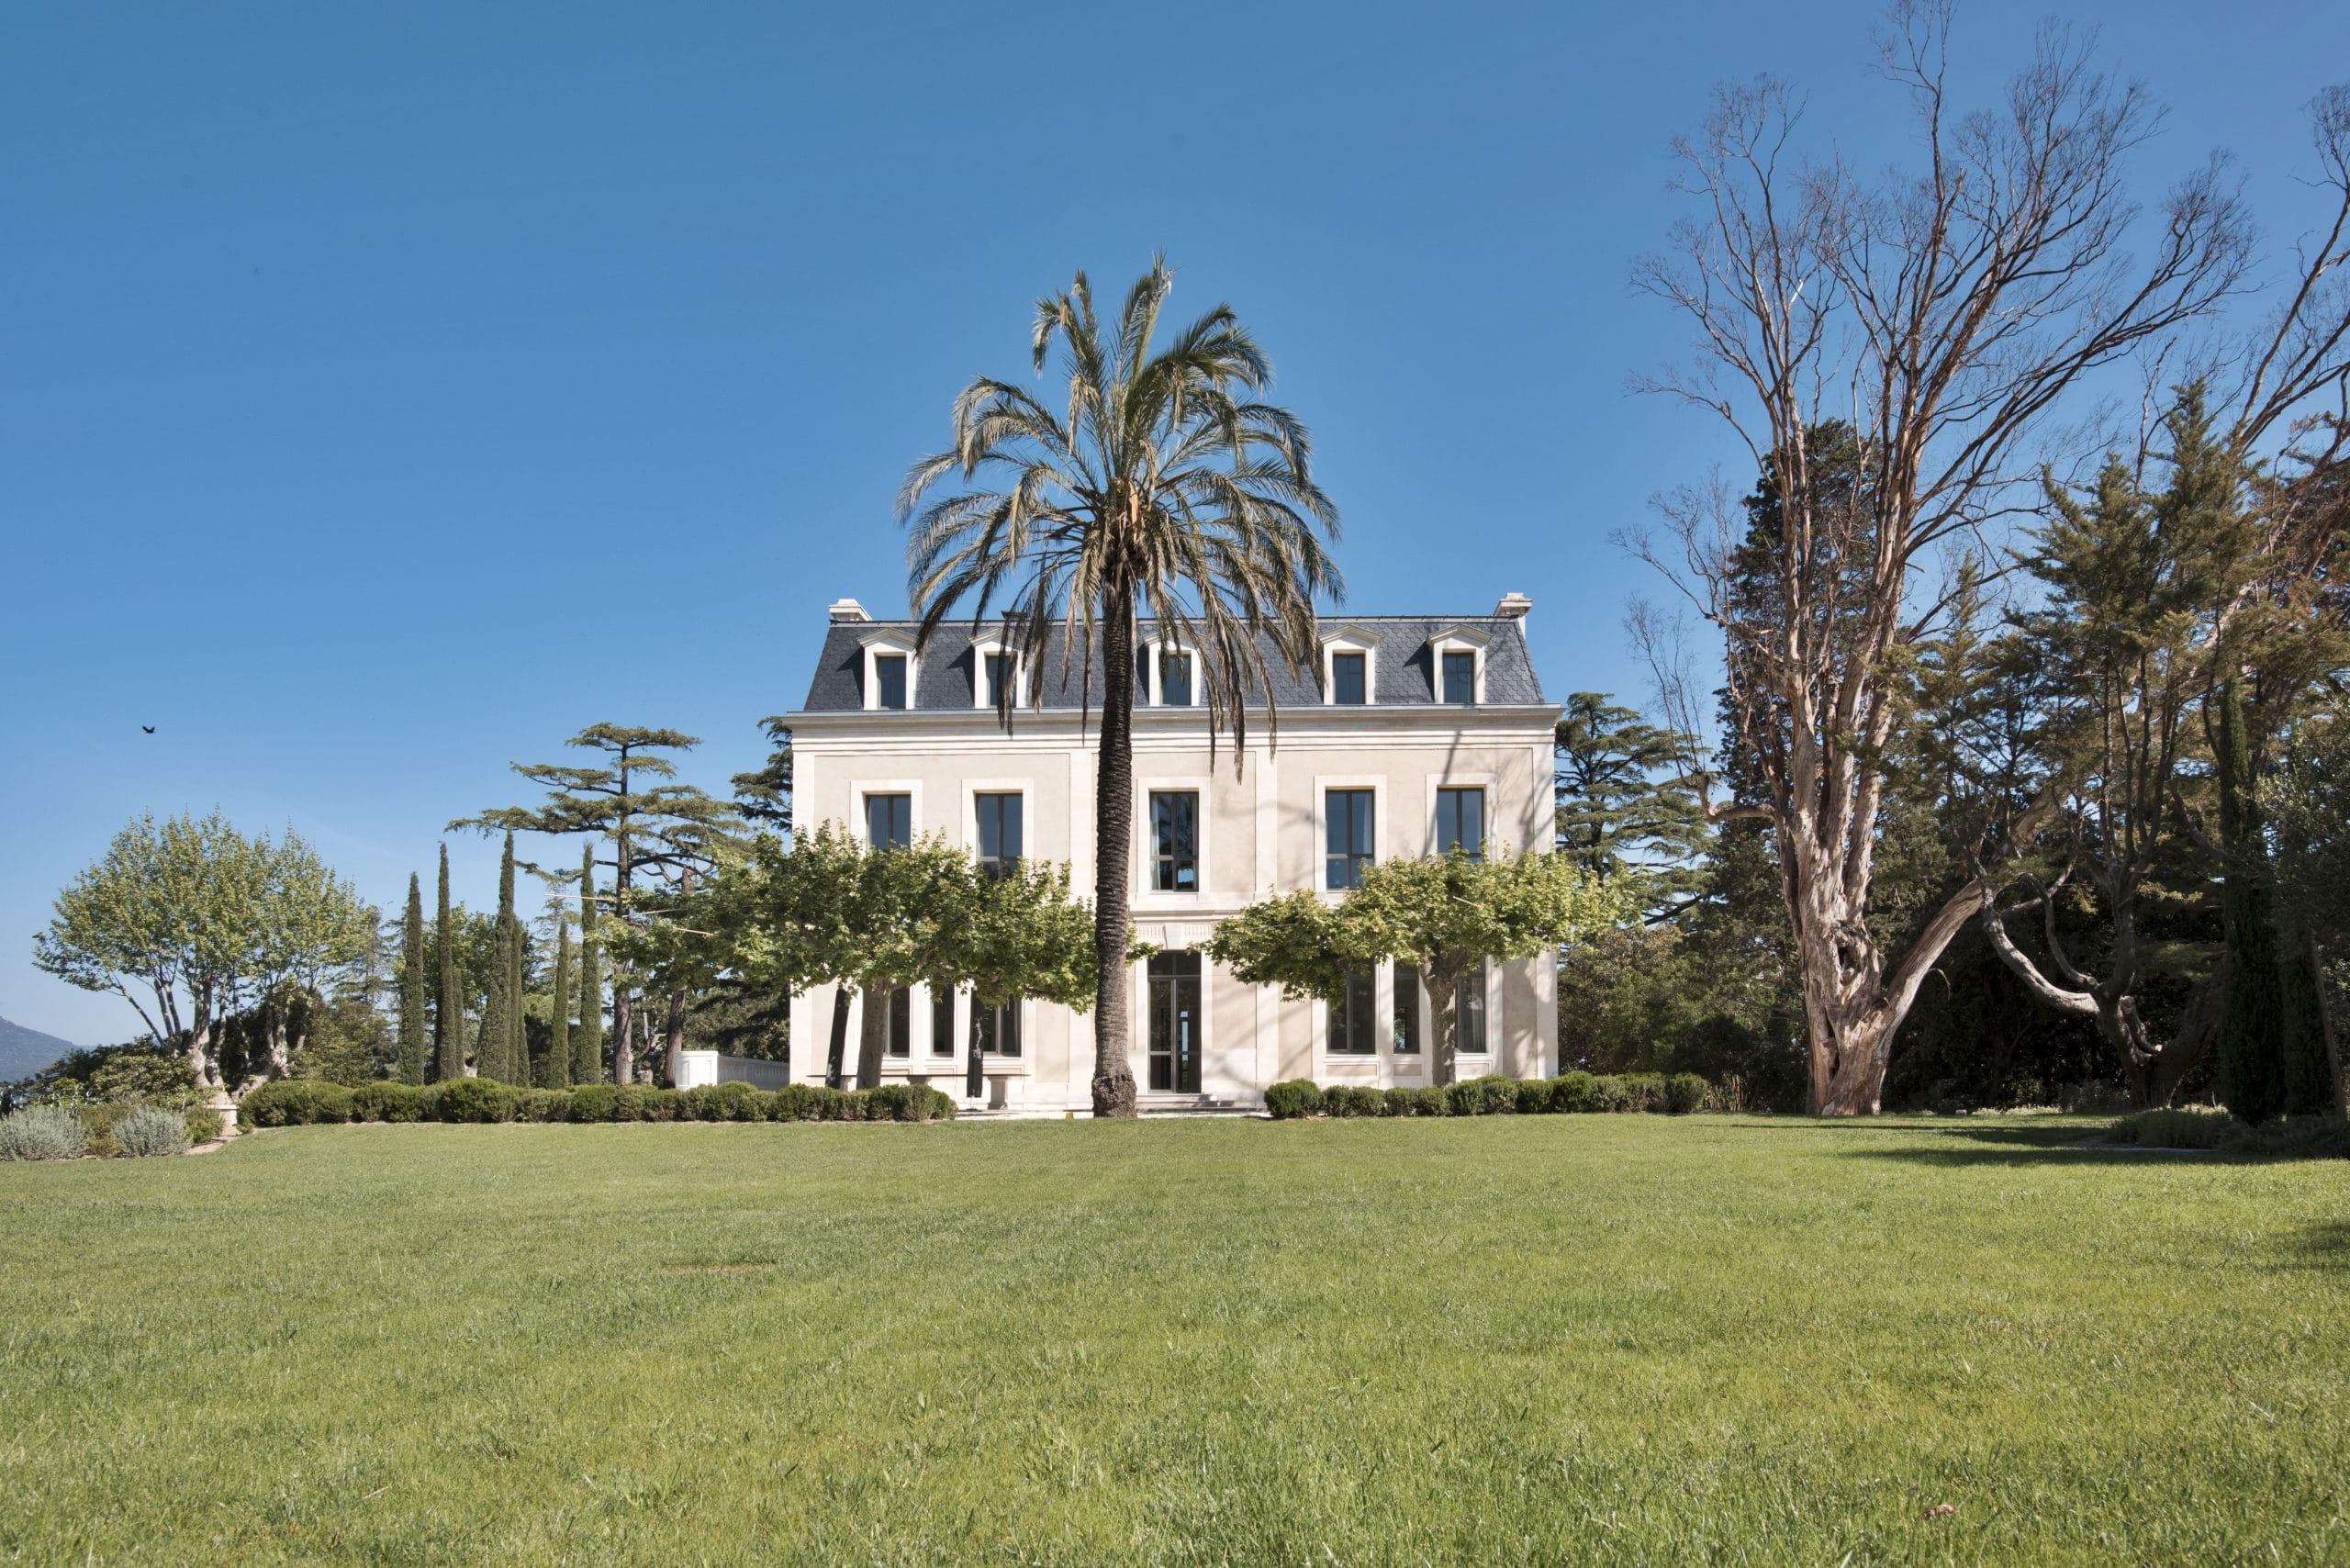 Magnifique demeure, encadrement de fenêtre en pierre naturelle